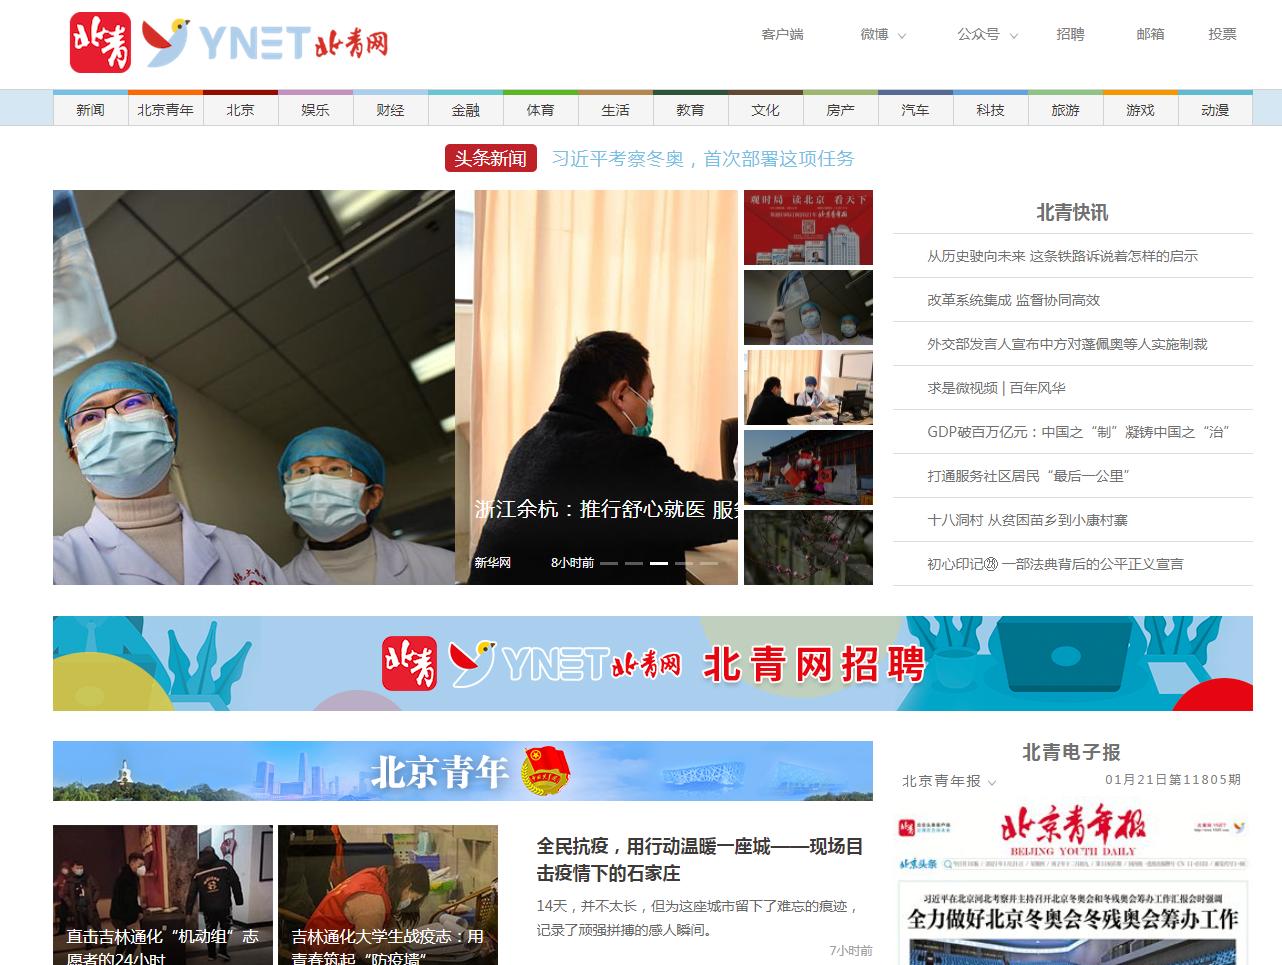 北青网-频道(文字链